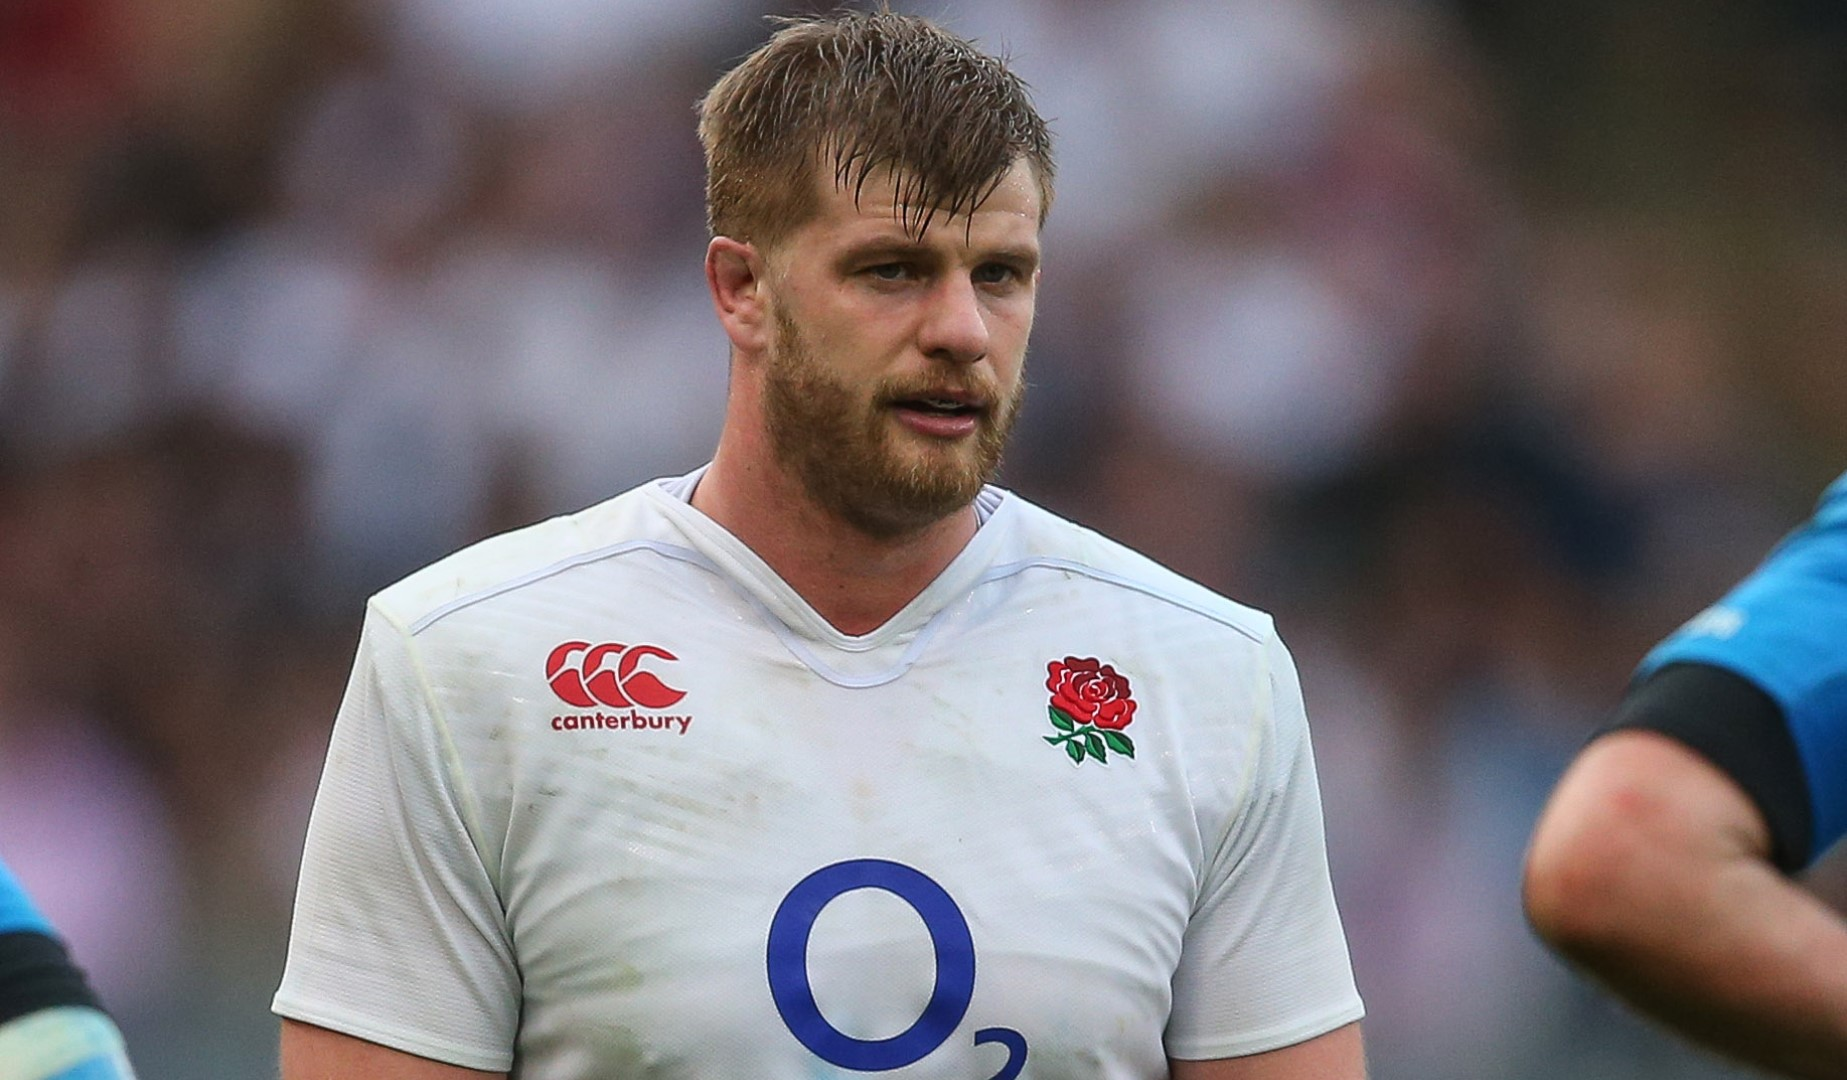 LionsWatch: Kruis returns as England prepare for Pumas